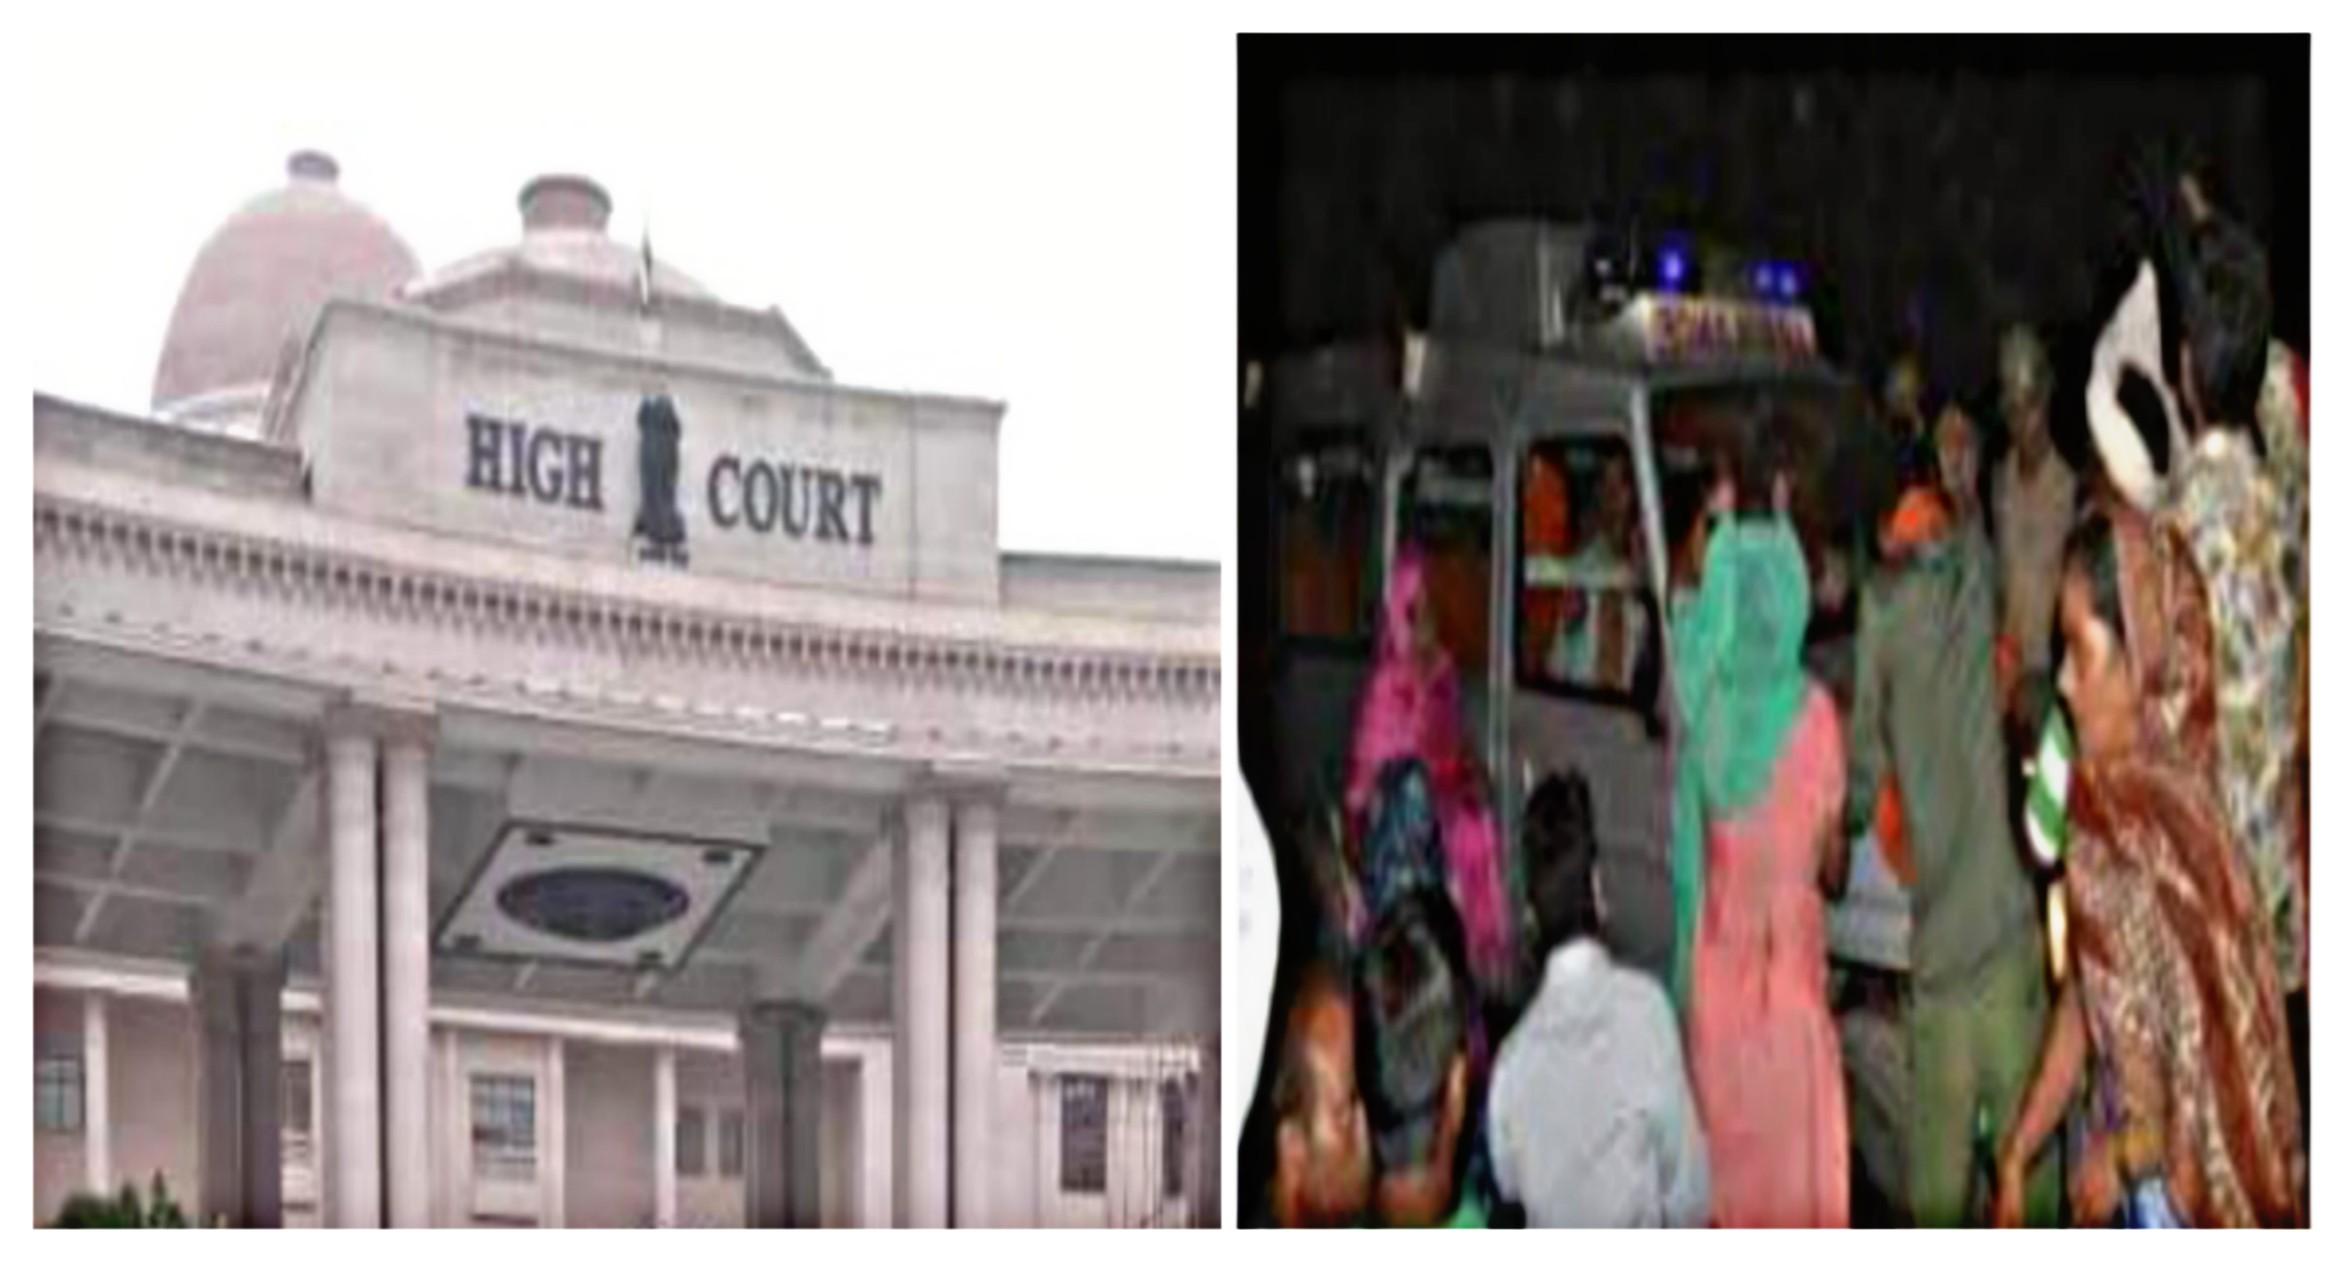 #the_victim's_family_refused_to_get_corona_test_CHAUTHA_STAMBH_News_UttarPradesh1